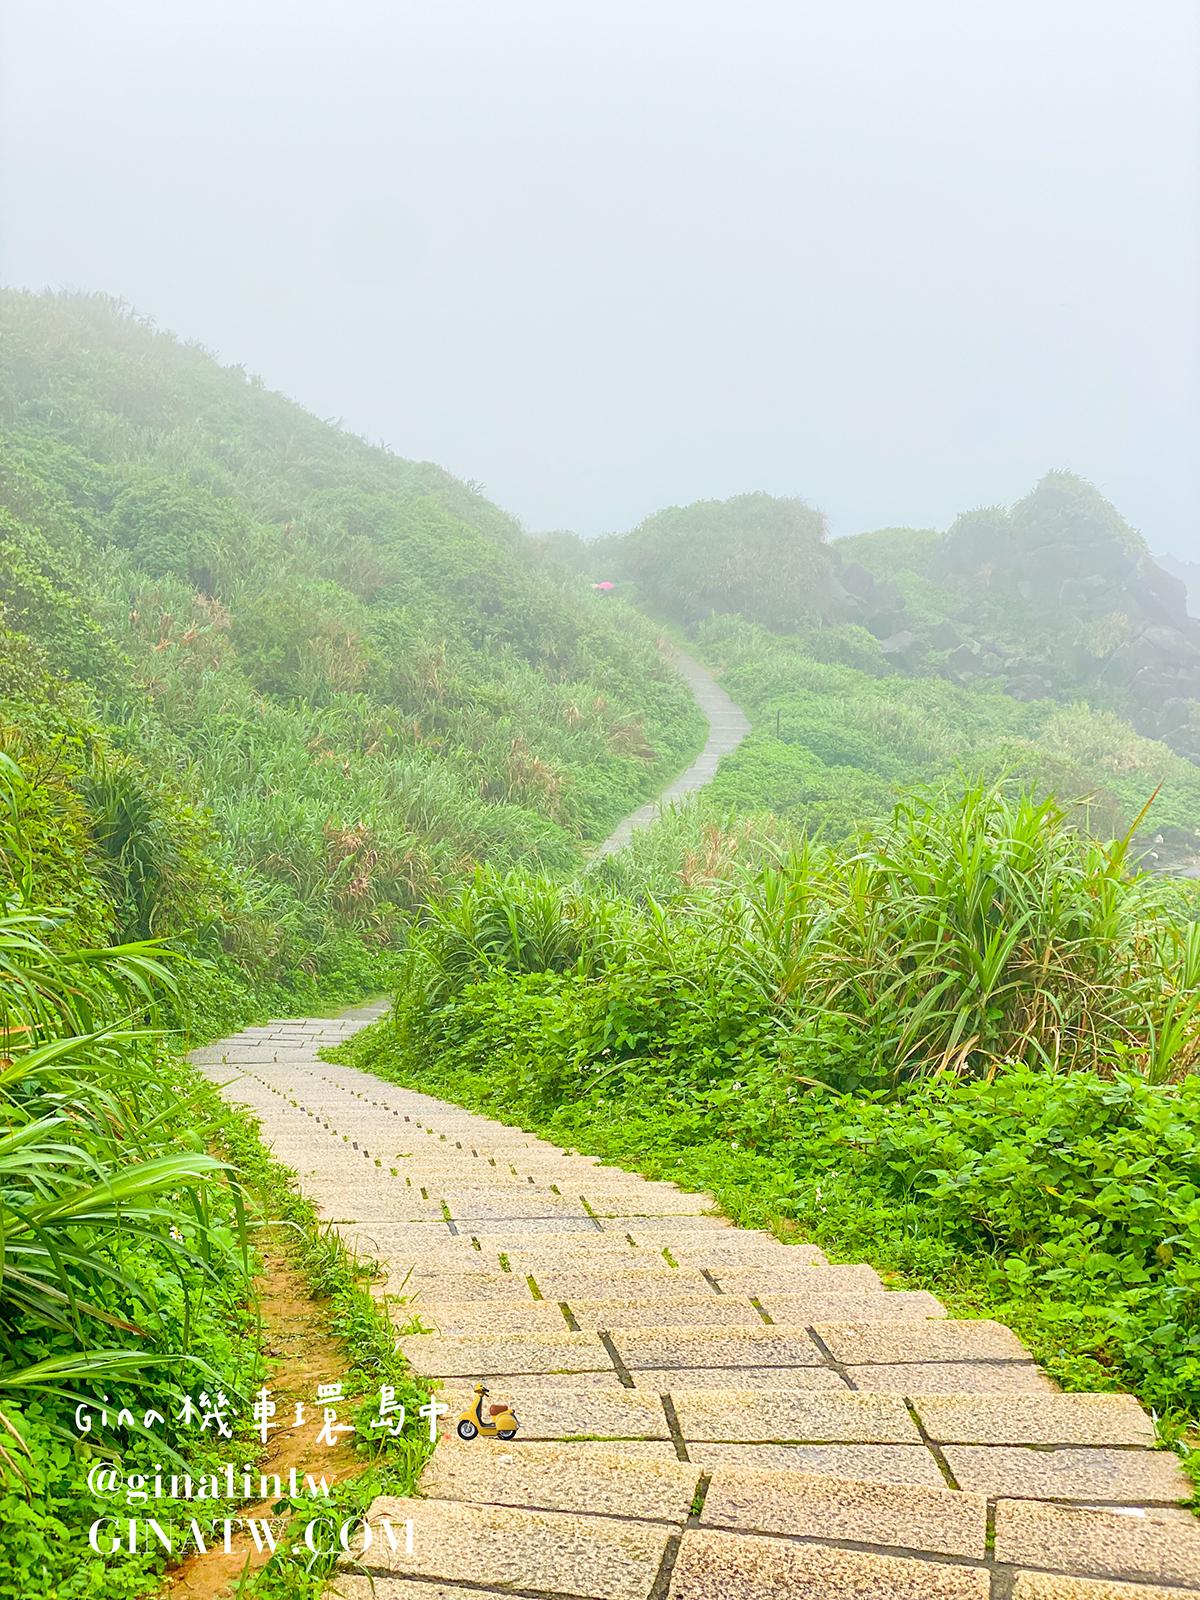 【2021機車環島】DAY15-16 兆品酒店礁溪|台灣最北富貴角燈塔|東北角-最後一天傾盆大雨 @GINA環球旅行生活